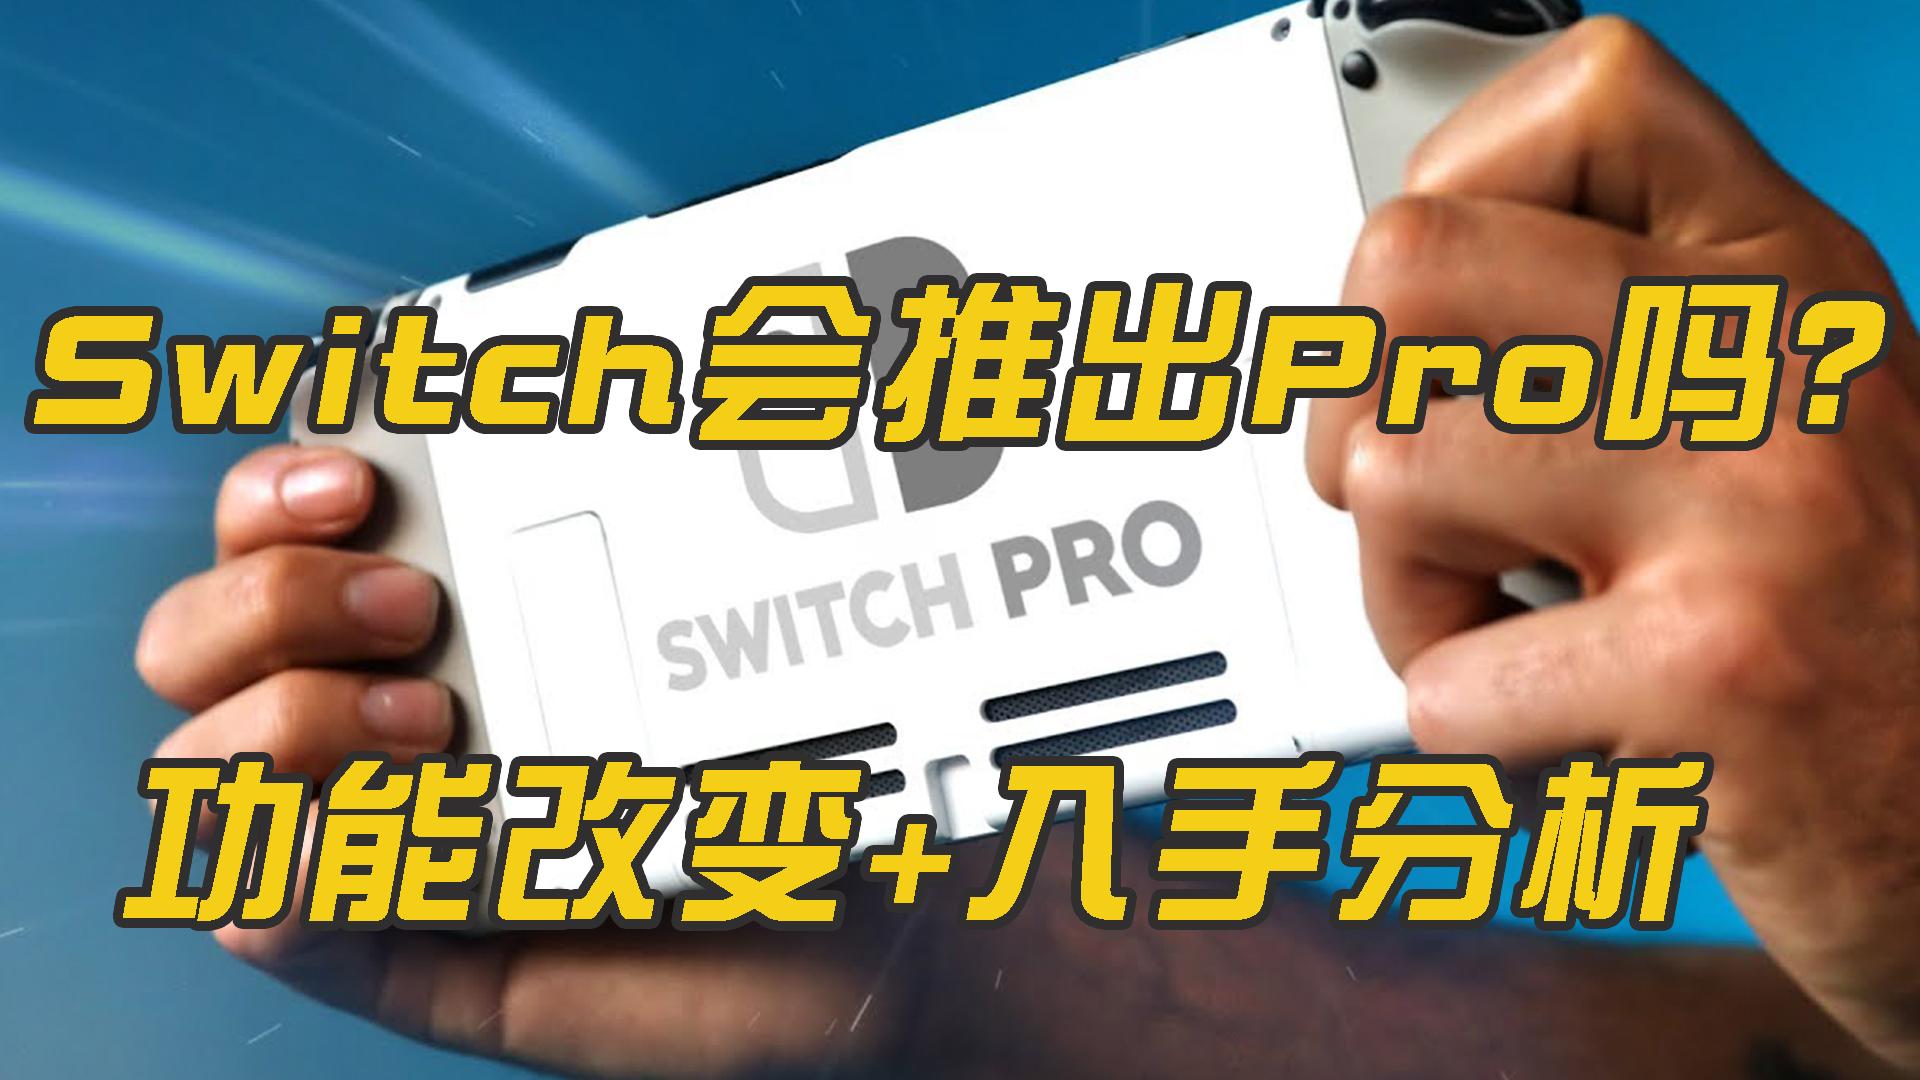 任天堂会推出Switch Pro吗?功能改变+现阶段入手分析